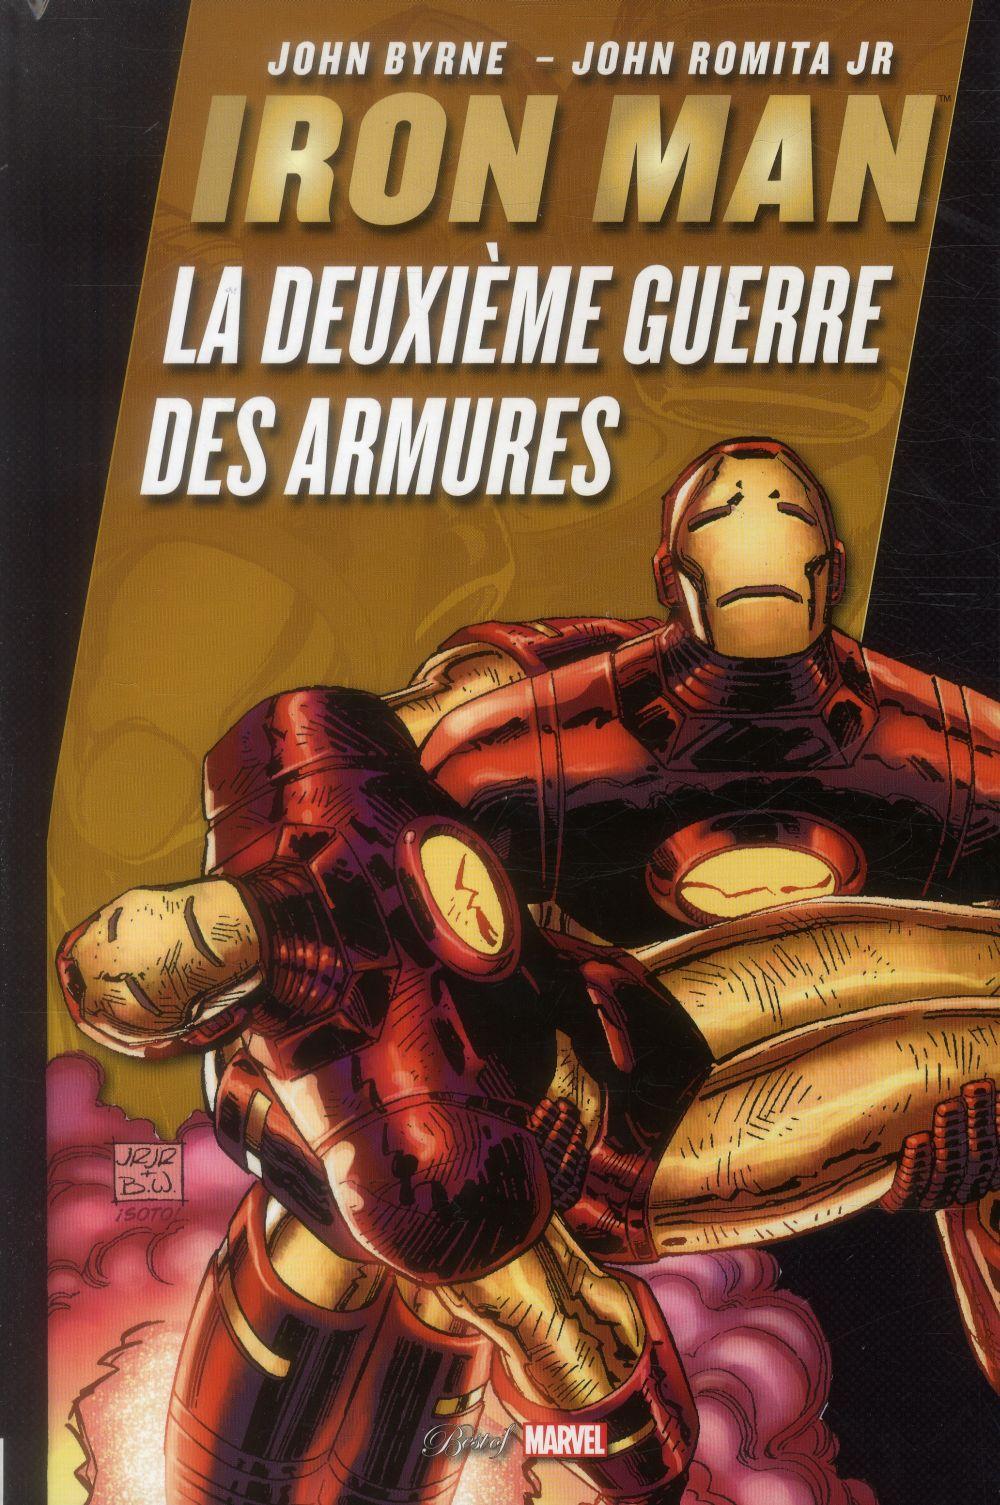 IRON-MAN : LA GUERRE DES ARMURES 2 Romita John